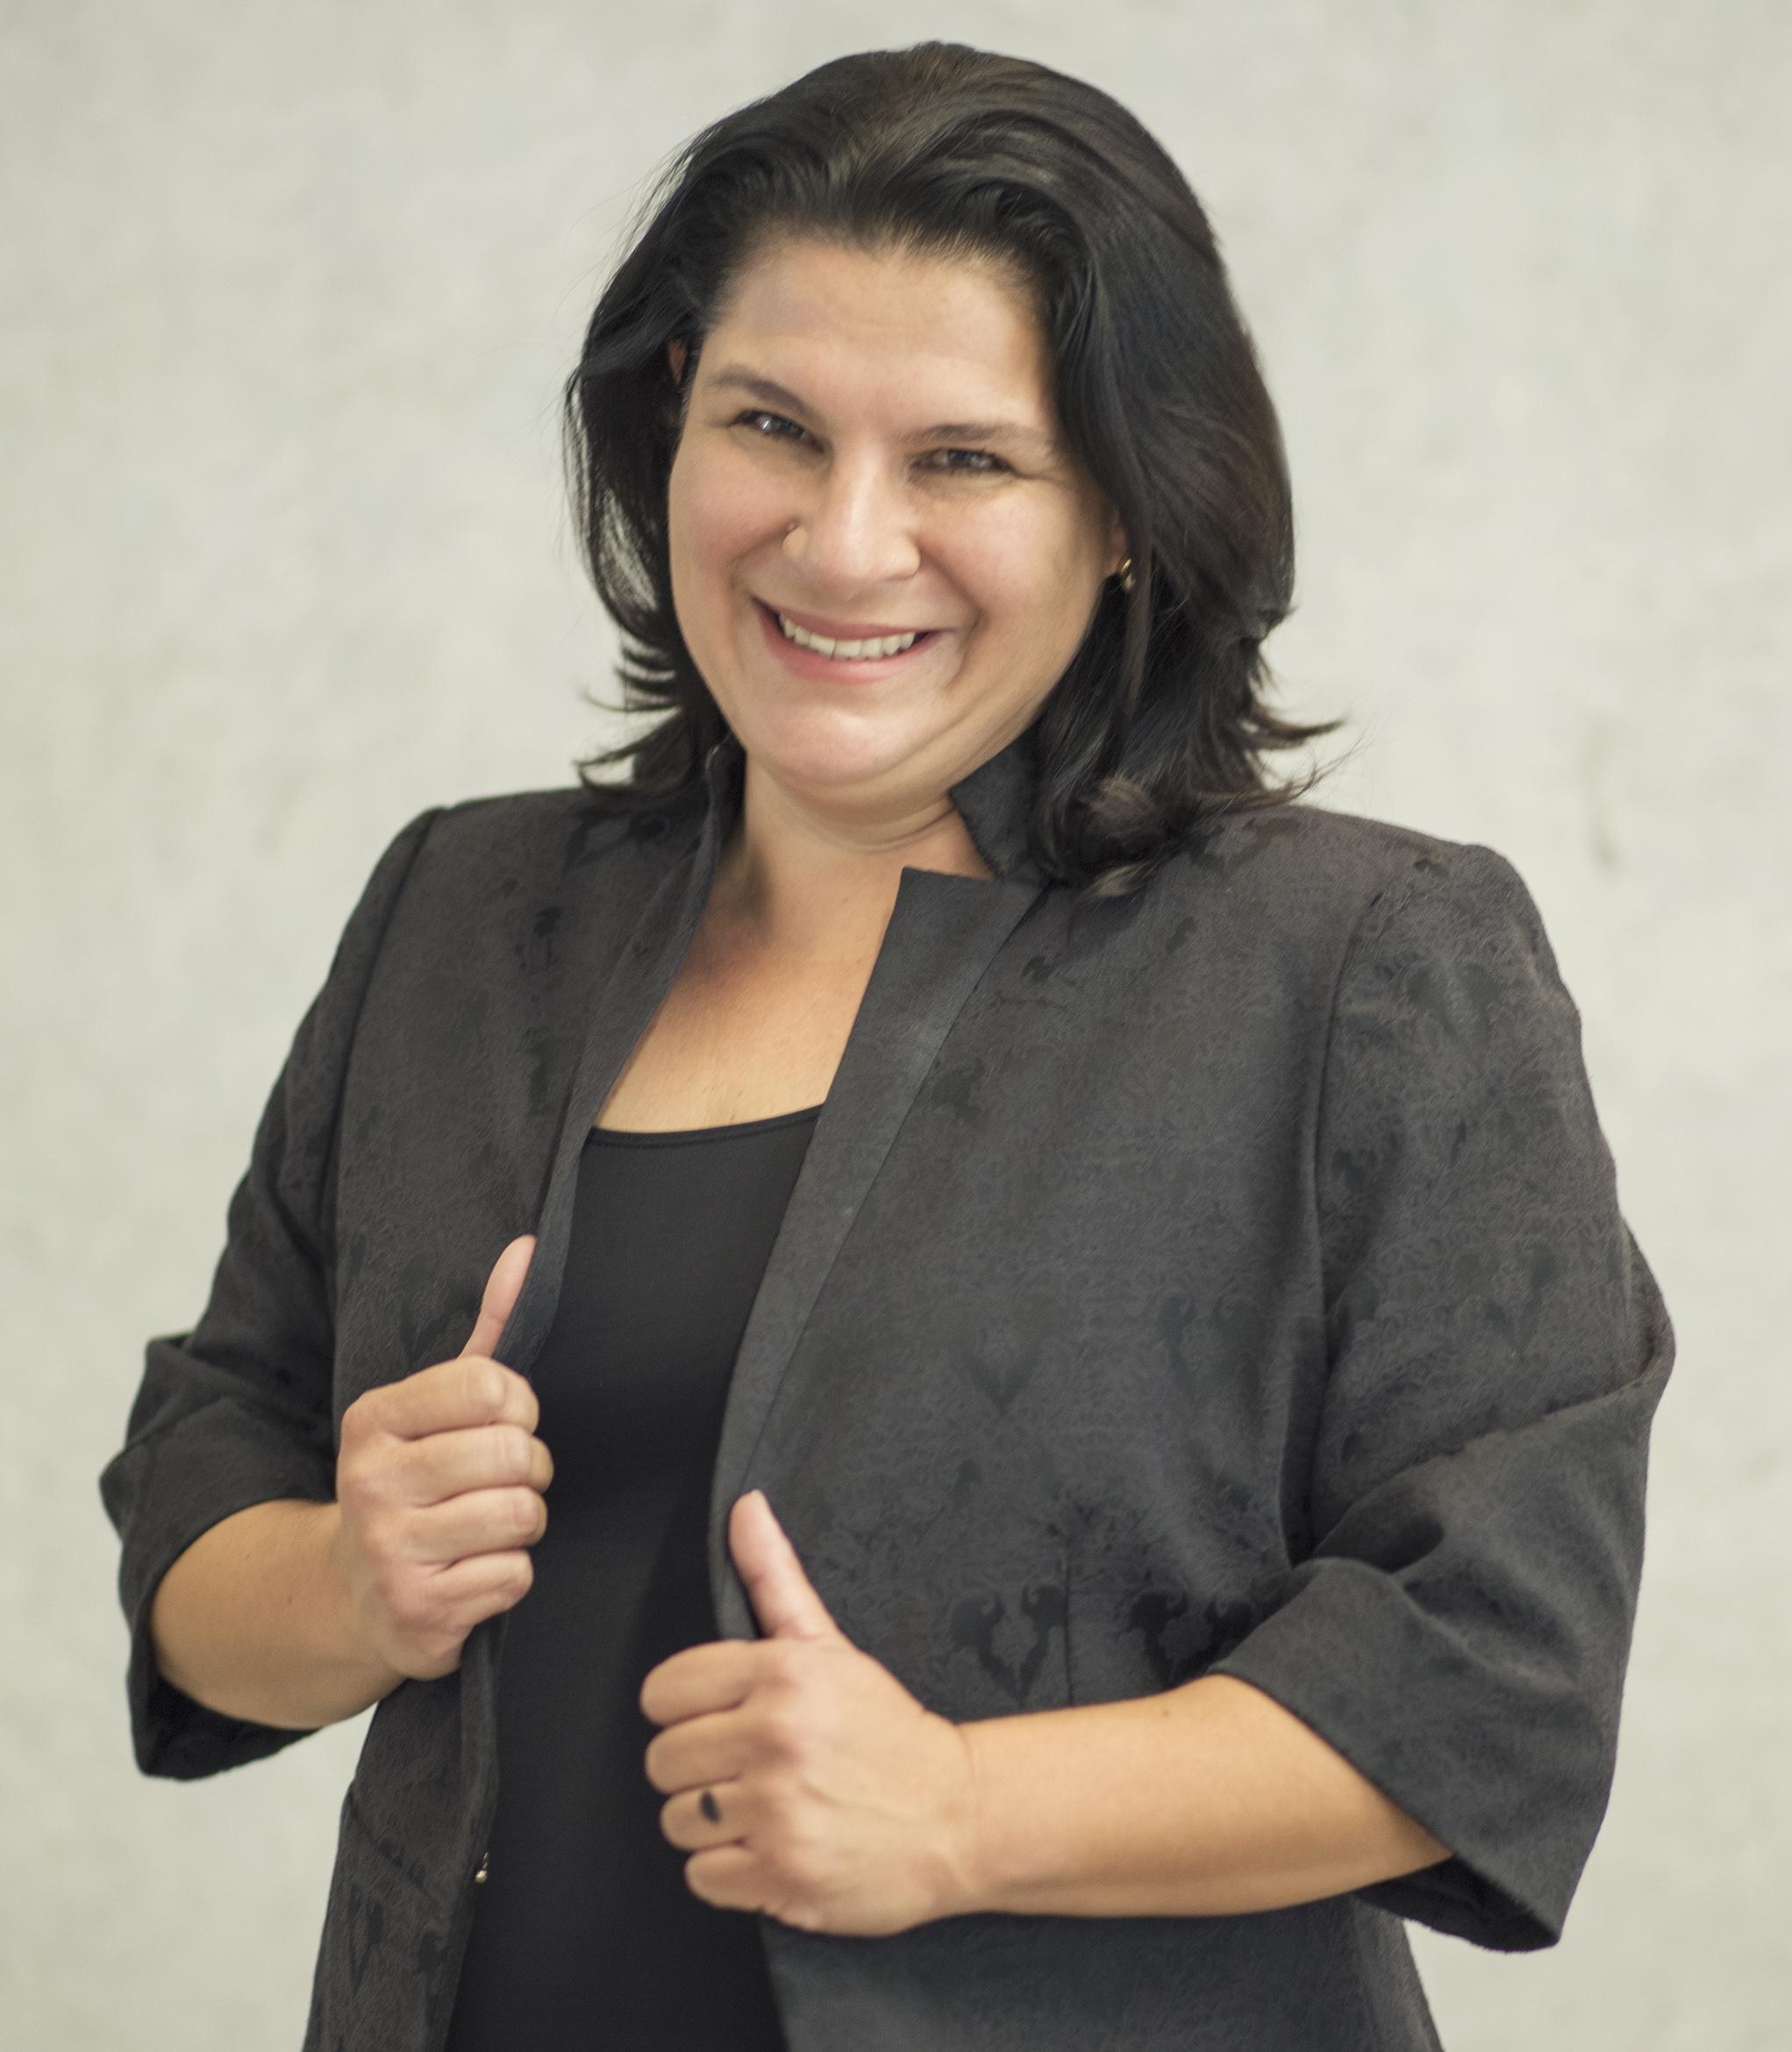 Angie Garduño